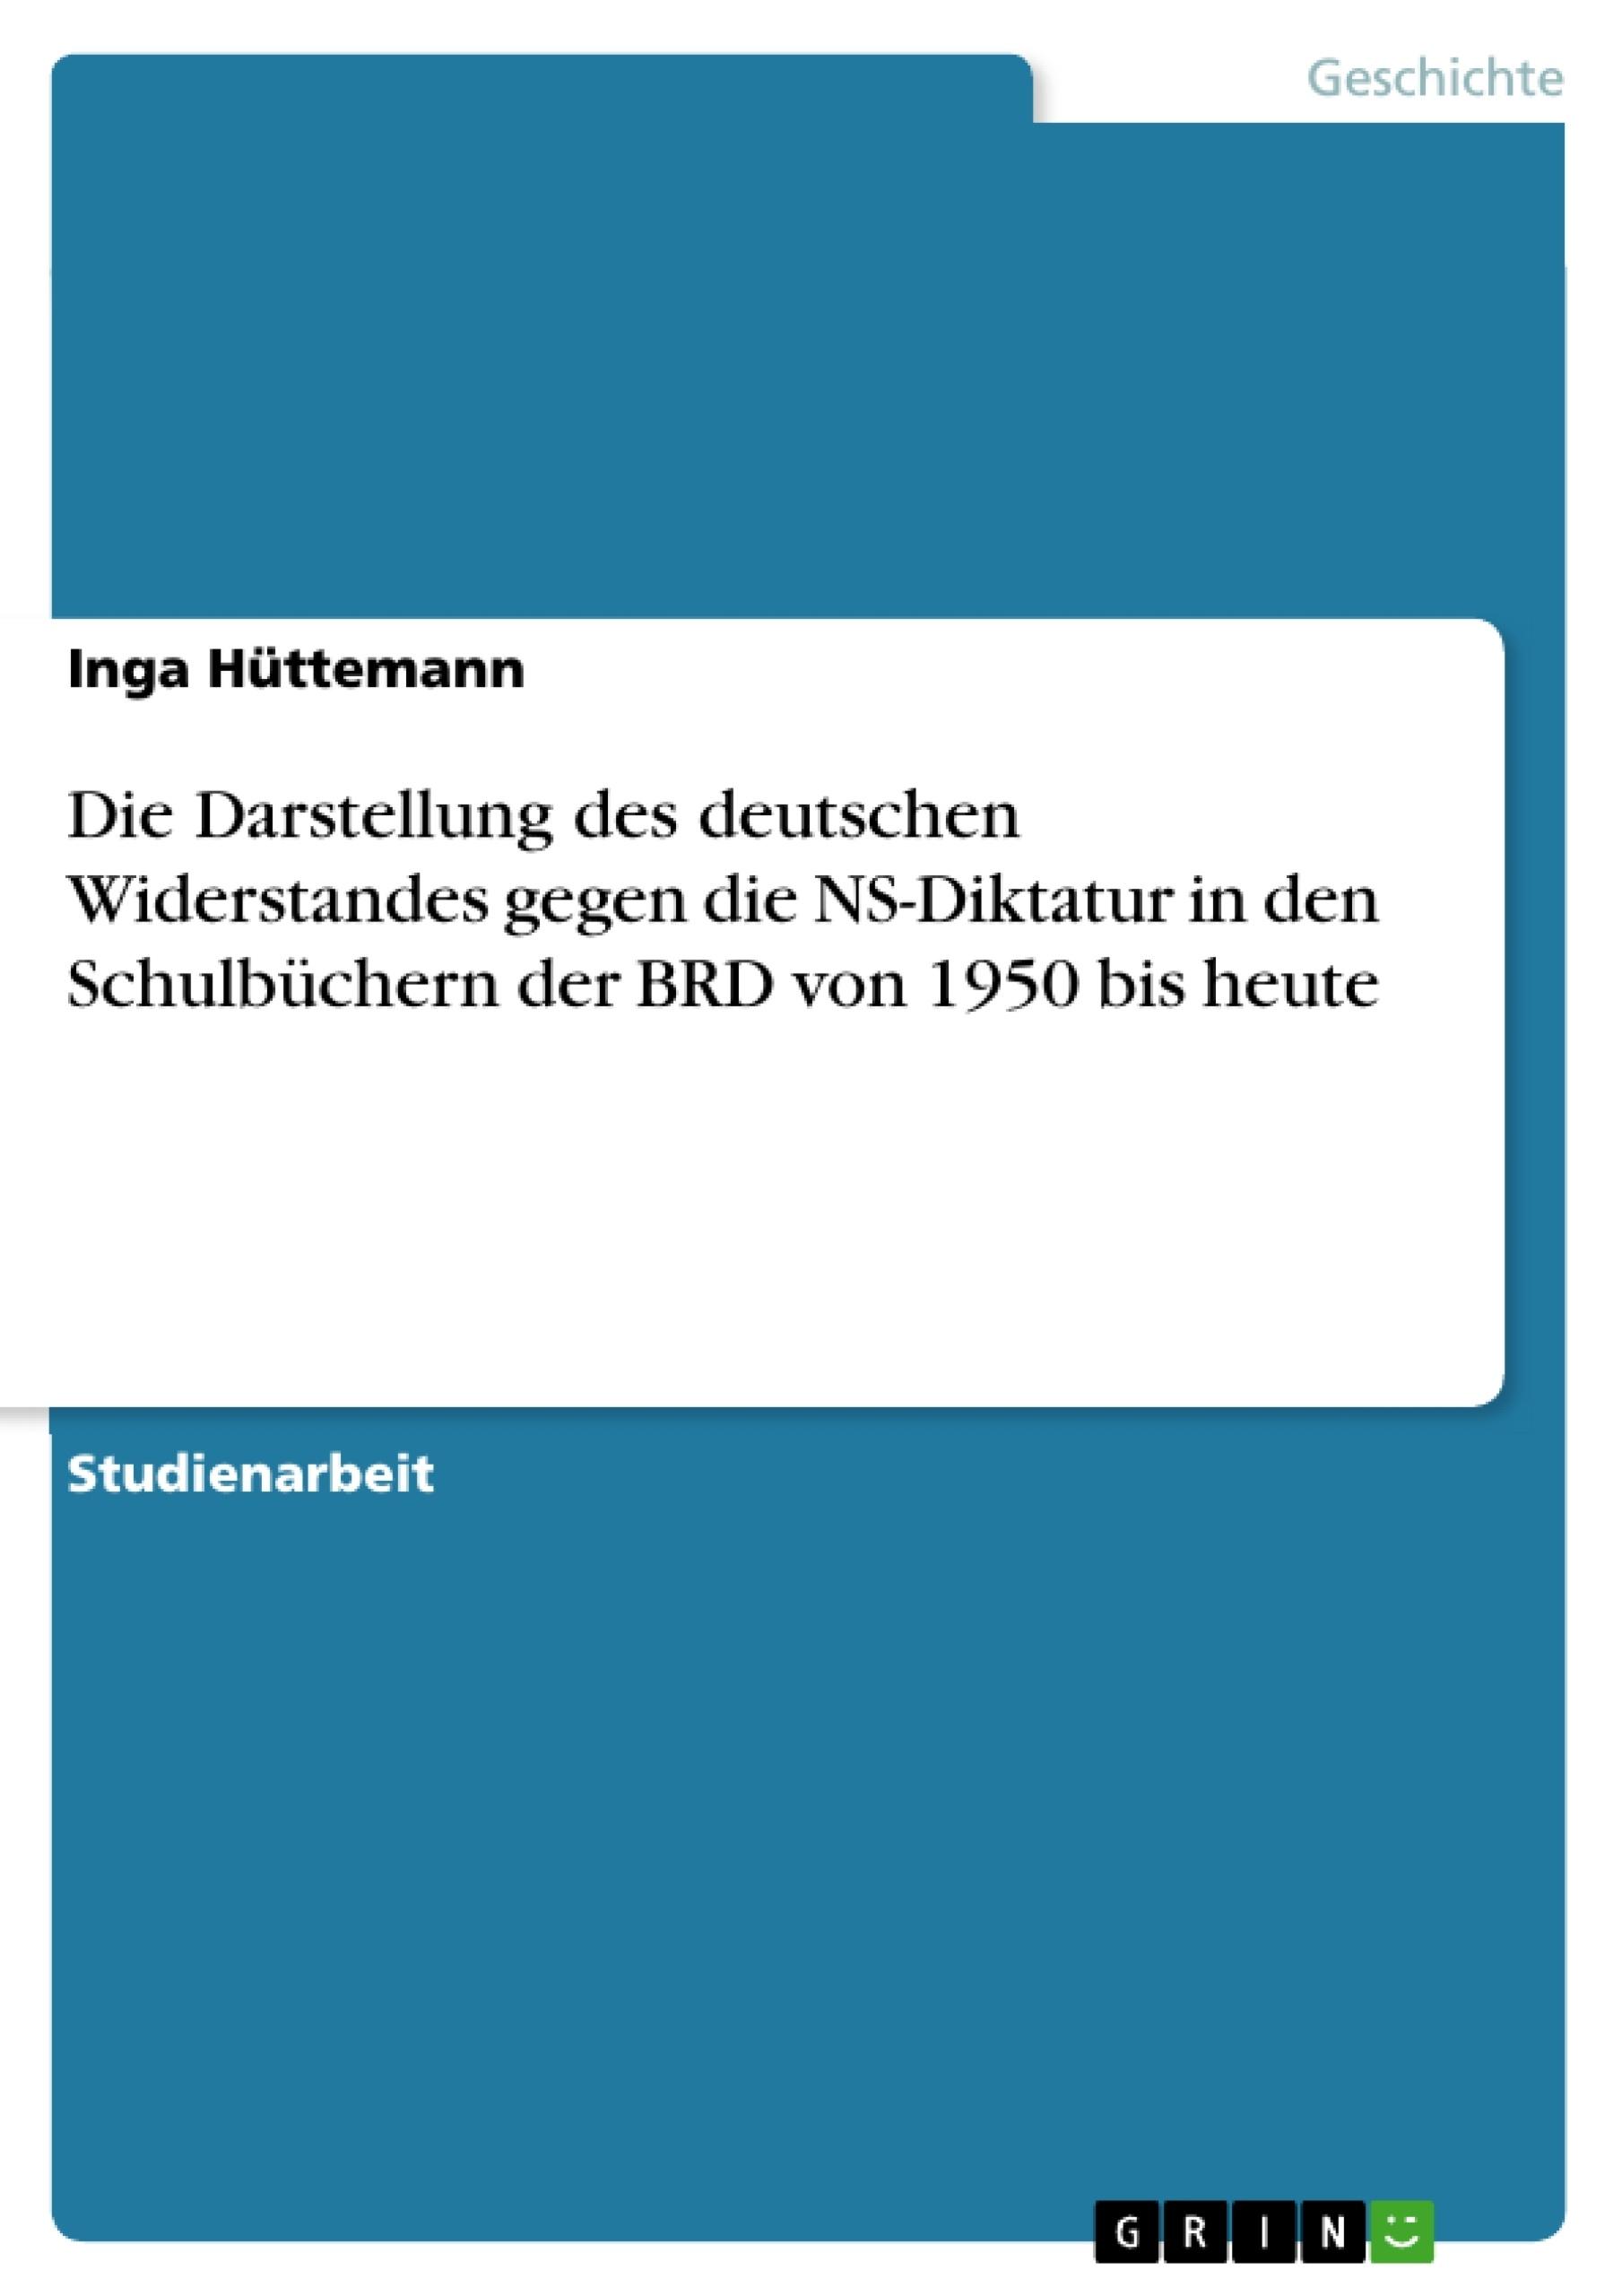 Titel: Die Darstellung des deutschen Widerstandes gegen die NS-Diktatur in den Schulbüchern der BRD von 1950 bis heute